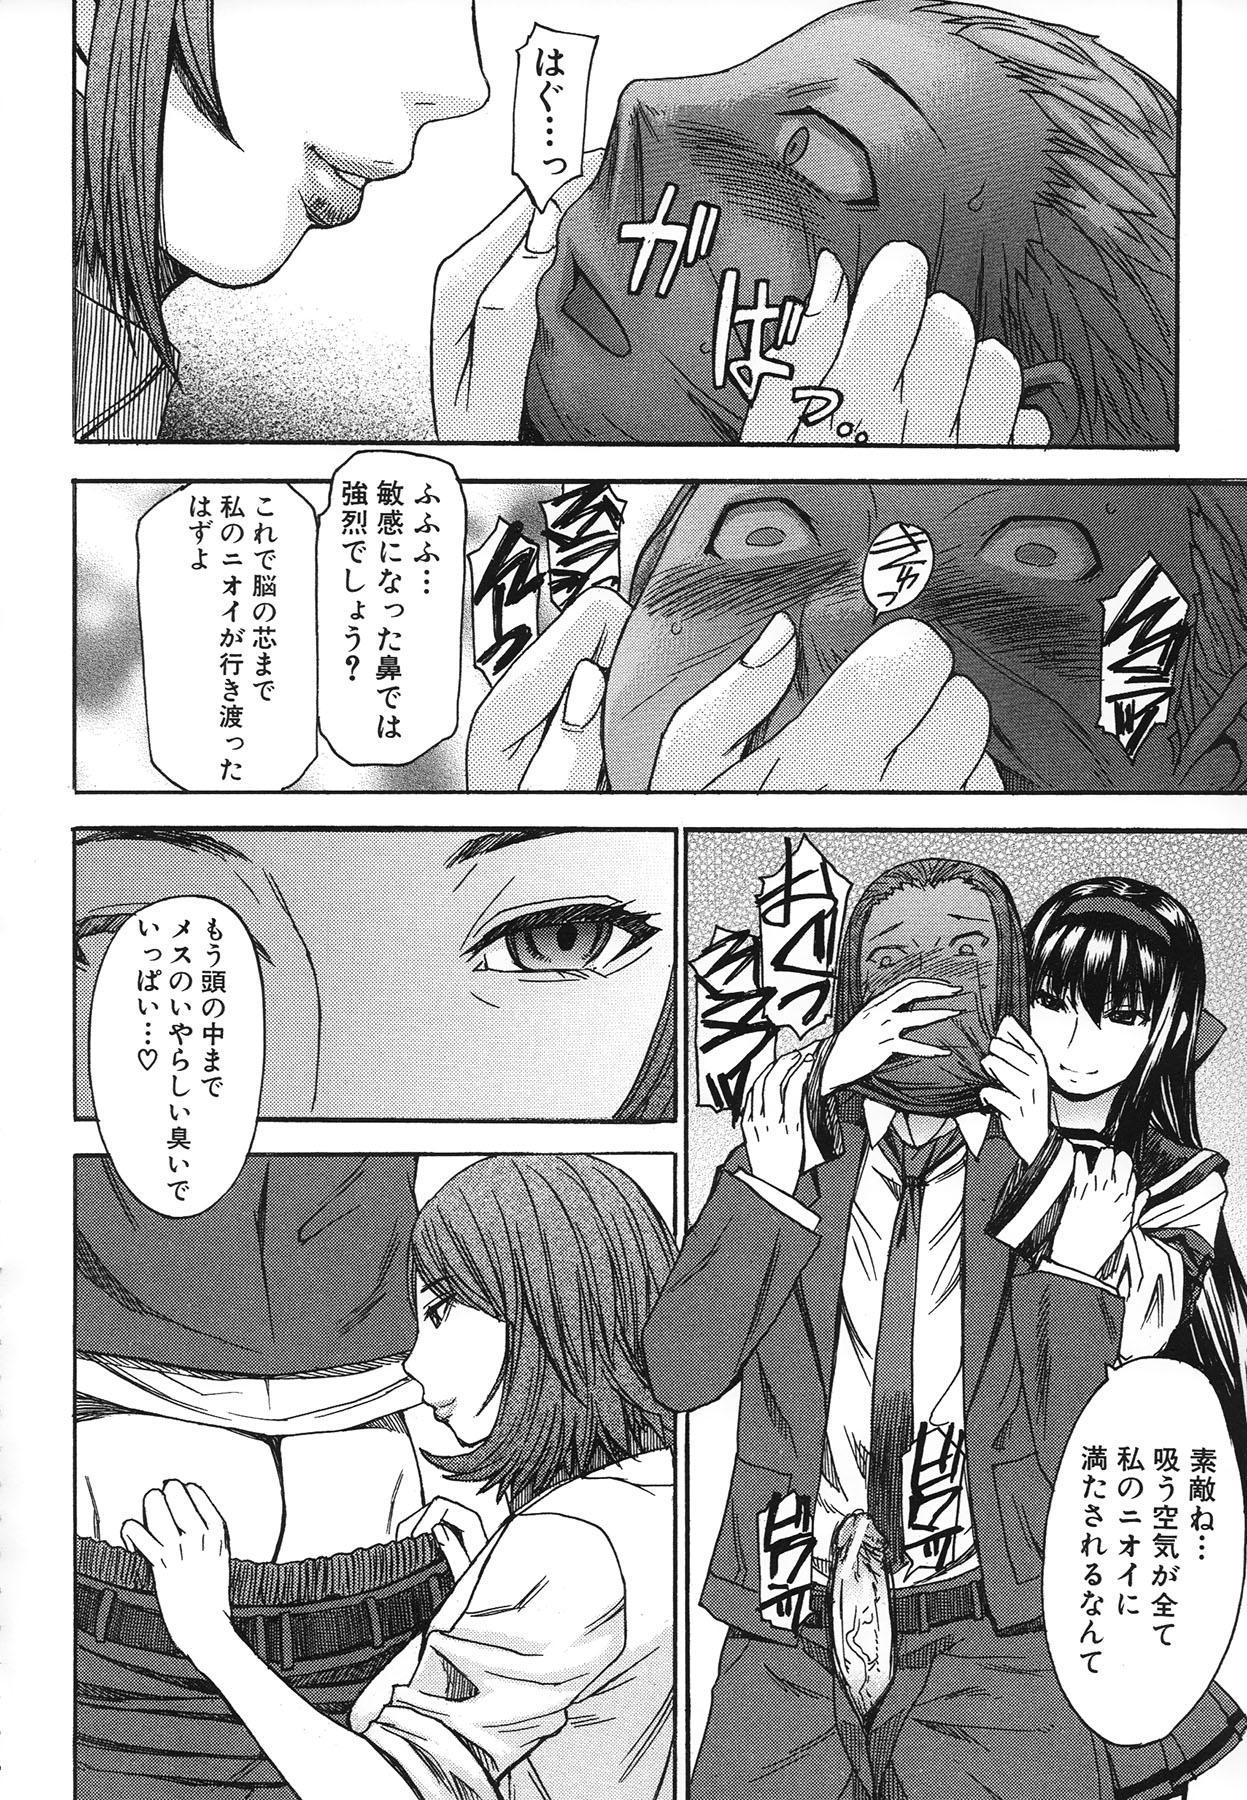 Ashigami 151